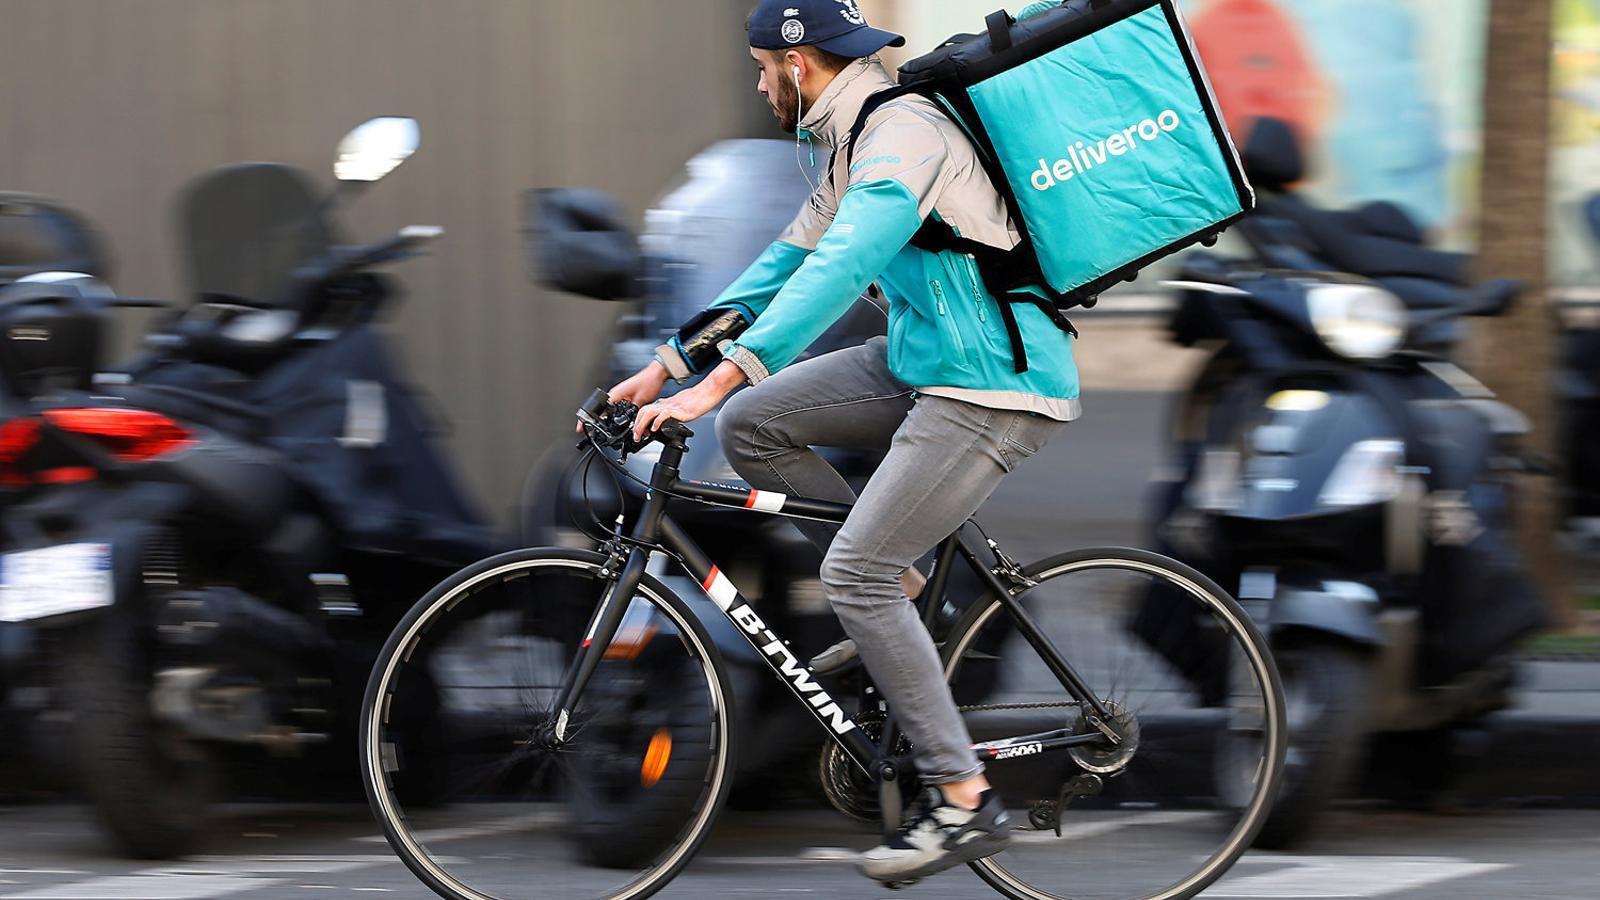 Els 'riders' de Deliveroo són falsos autònoms, segons un jutjat de Madrid